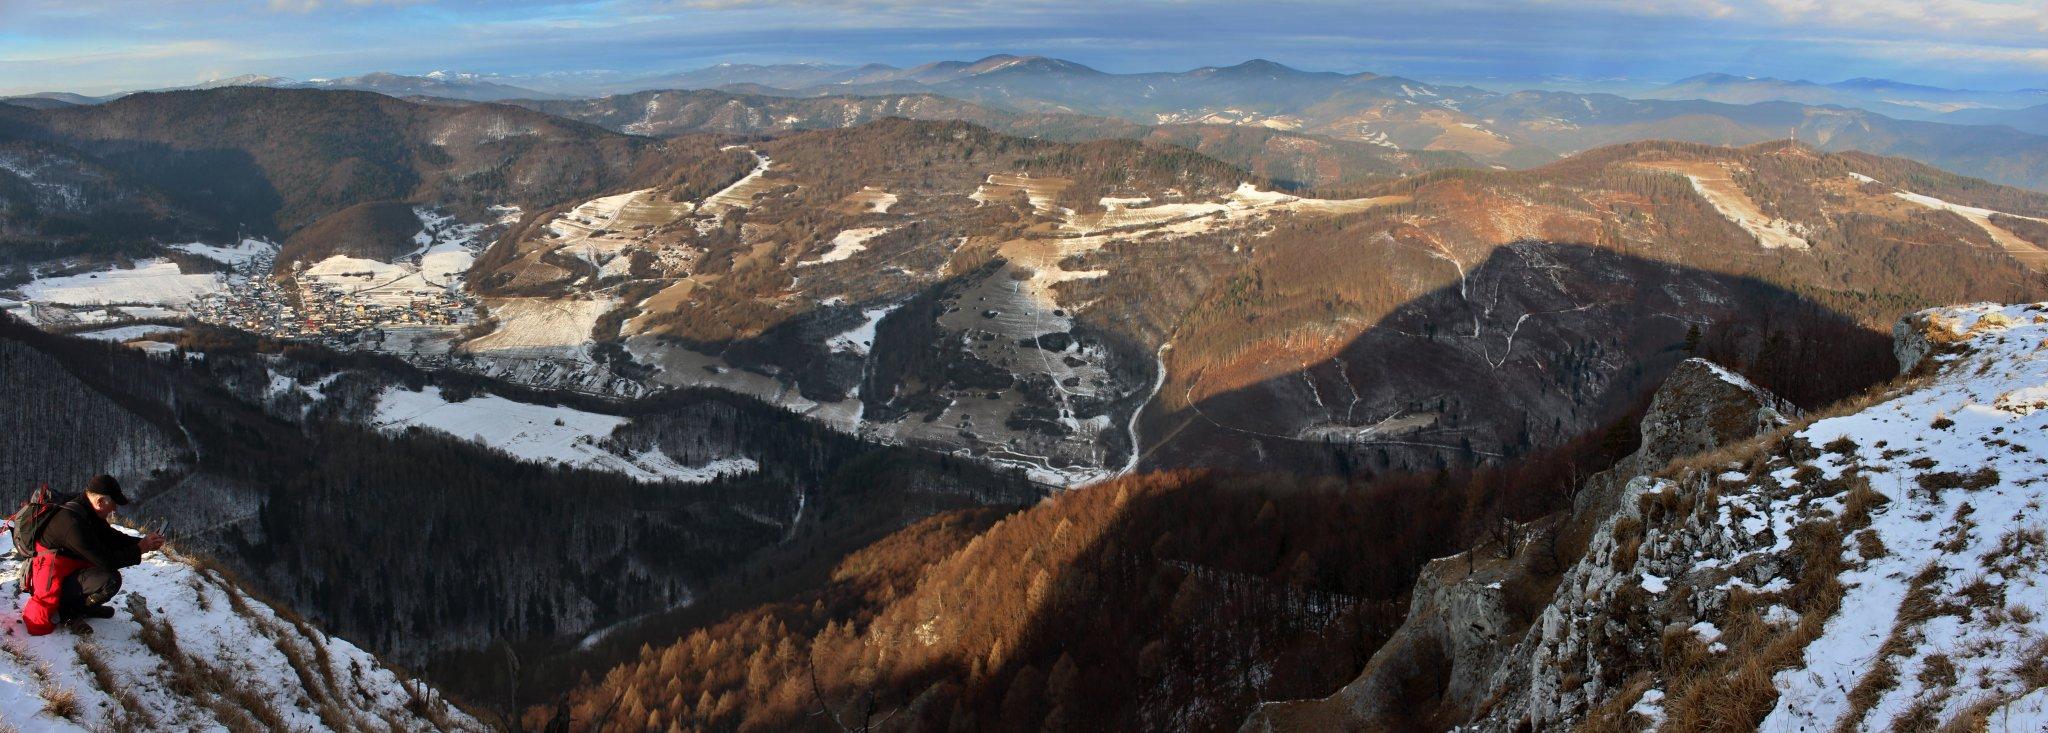 Folkmarská skala, Košice region, Slovakia – 7